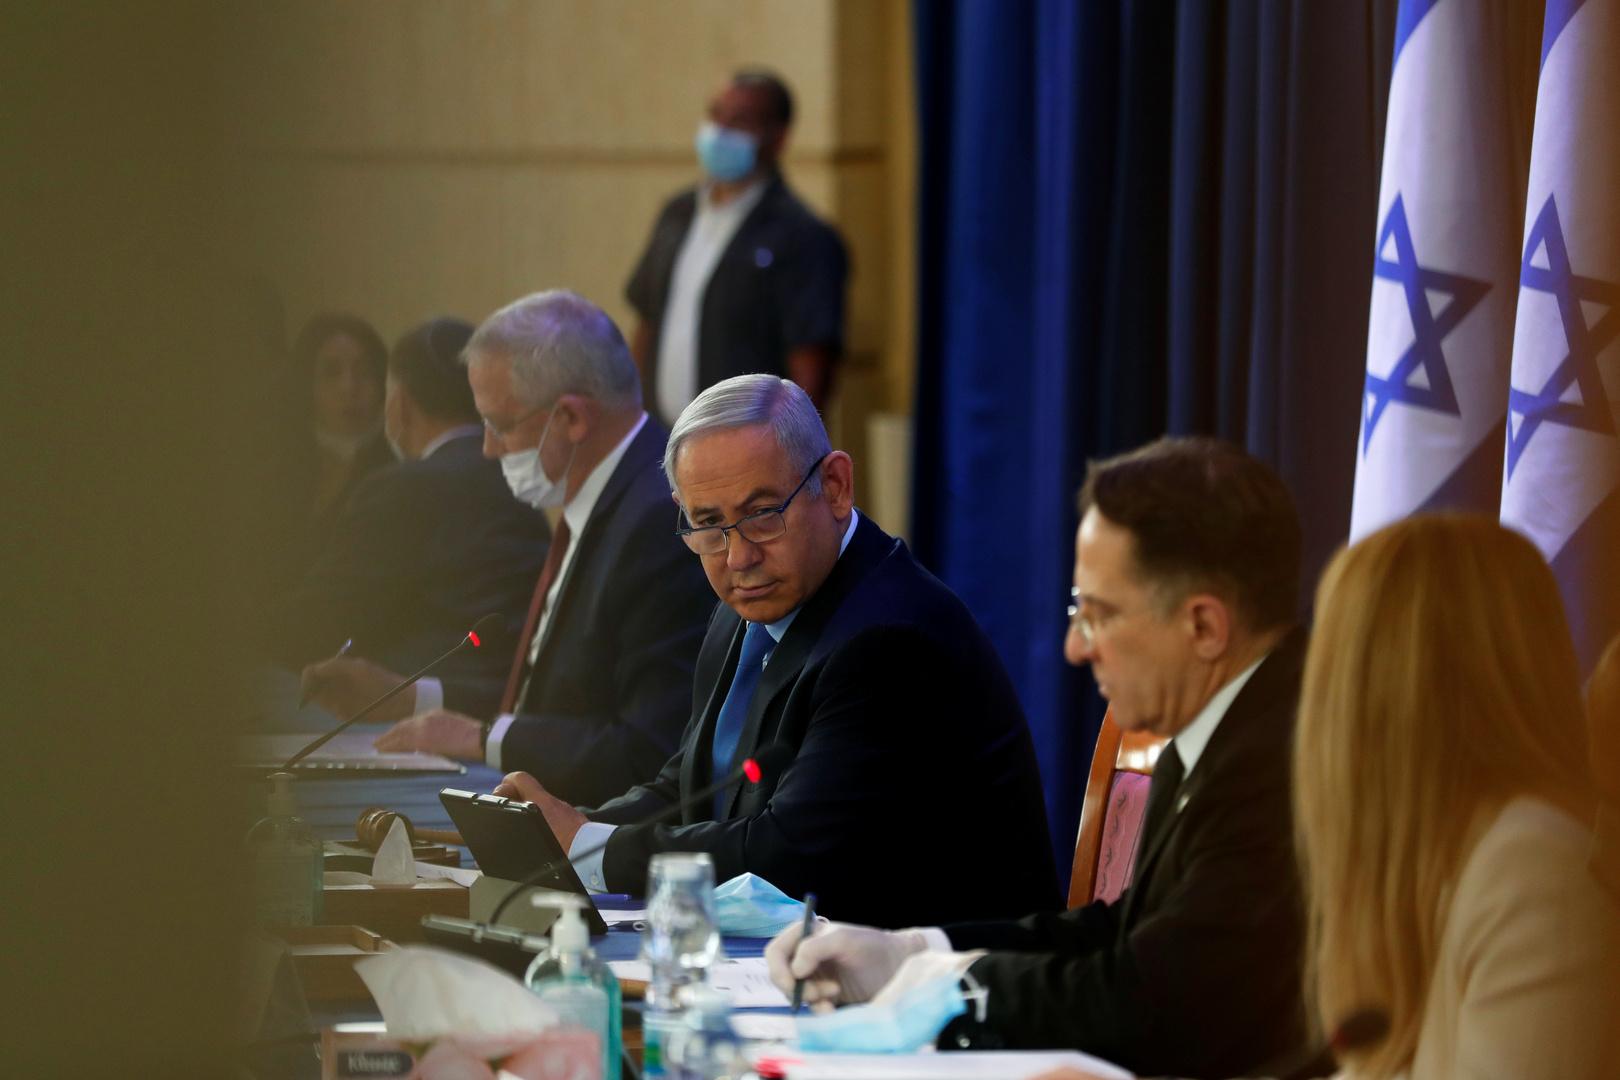 إعلام عبري: مسؤولون إسرائيليون يعتبرون أن واشنطن تتنازل أكثر مما تريد طهران في مباحثات فيينا